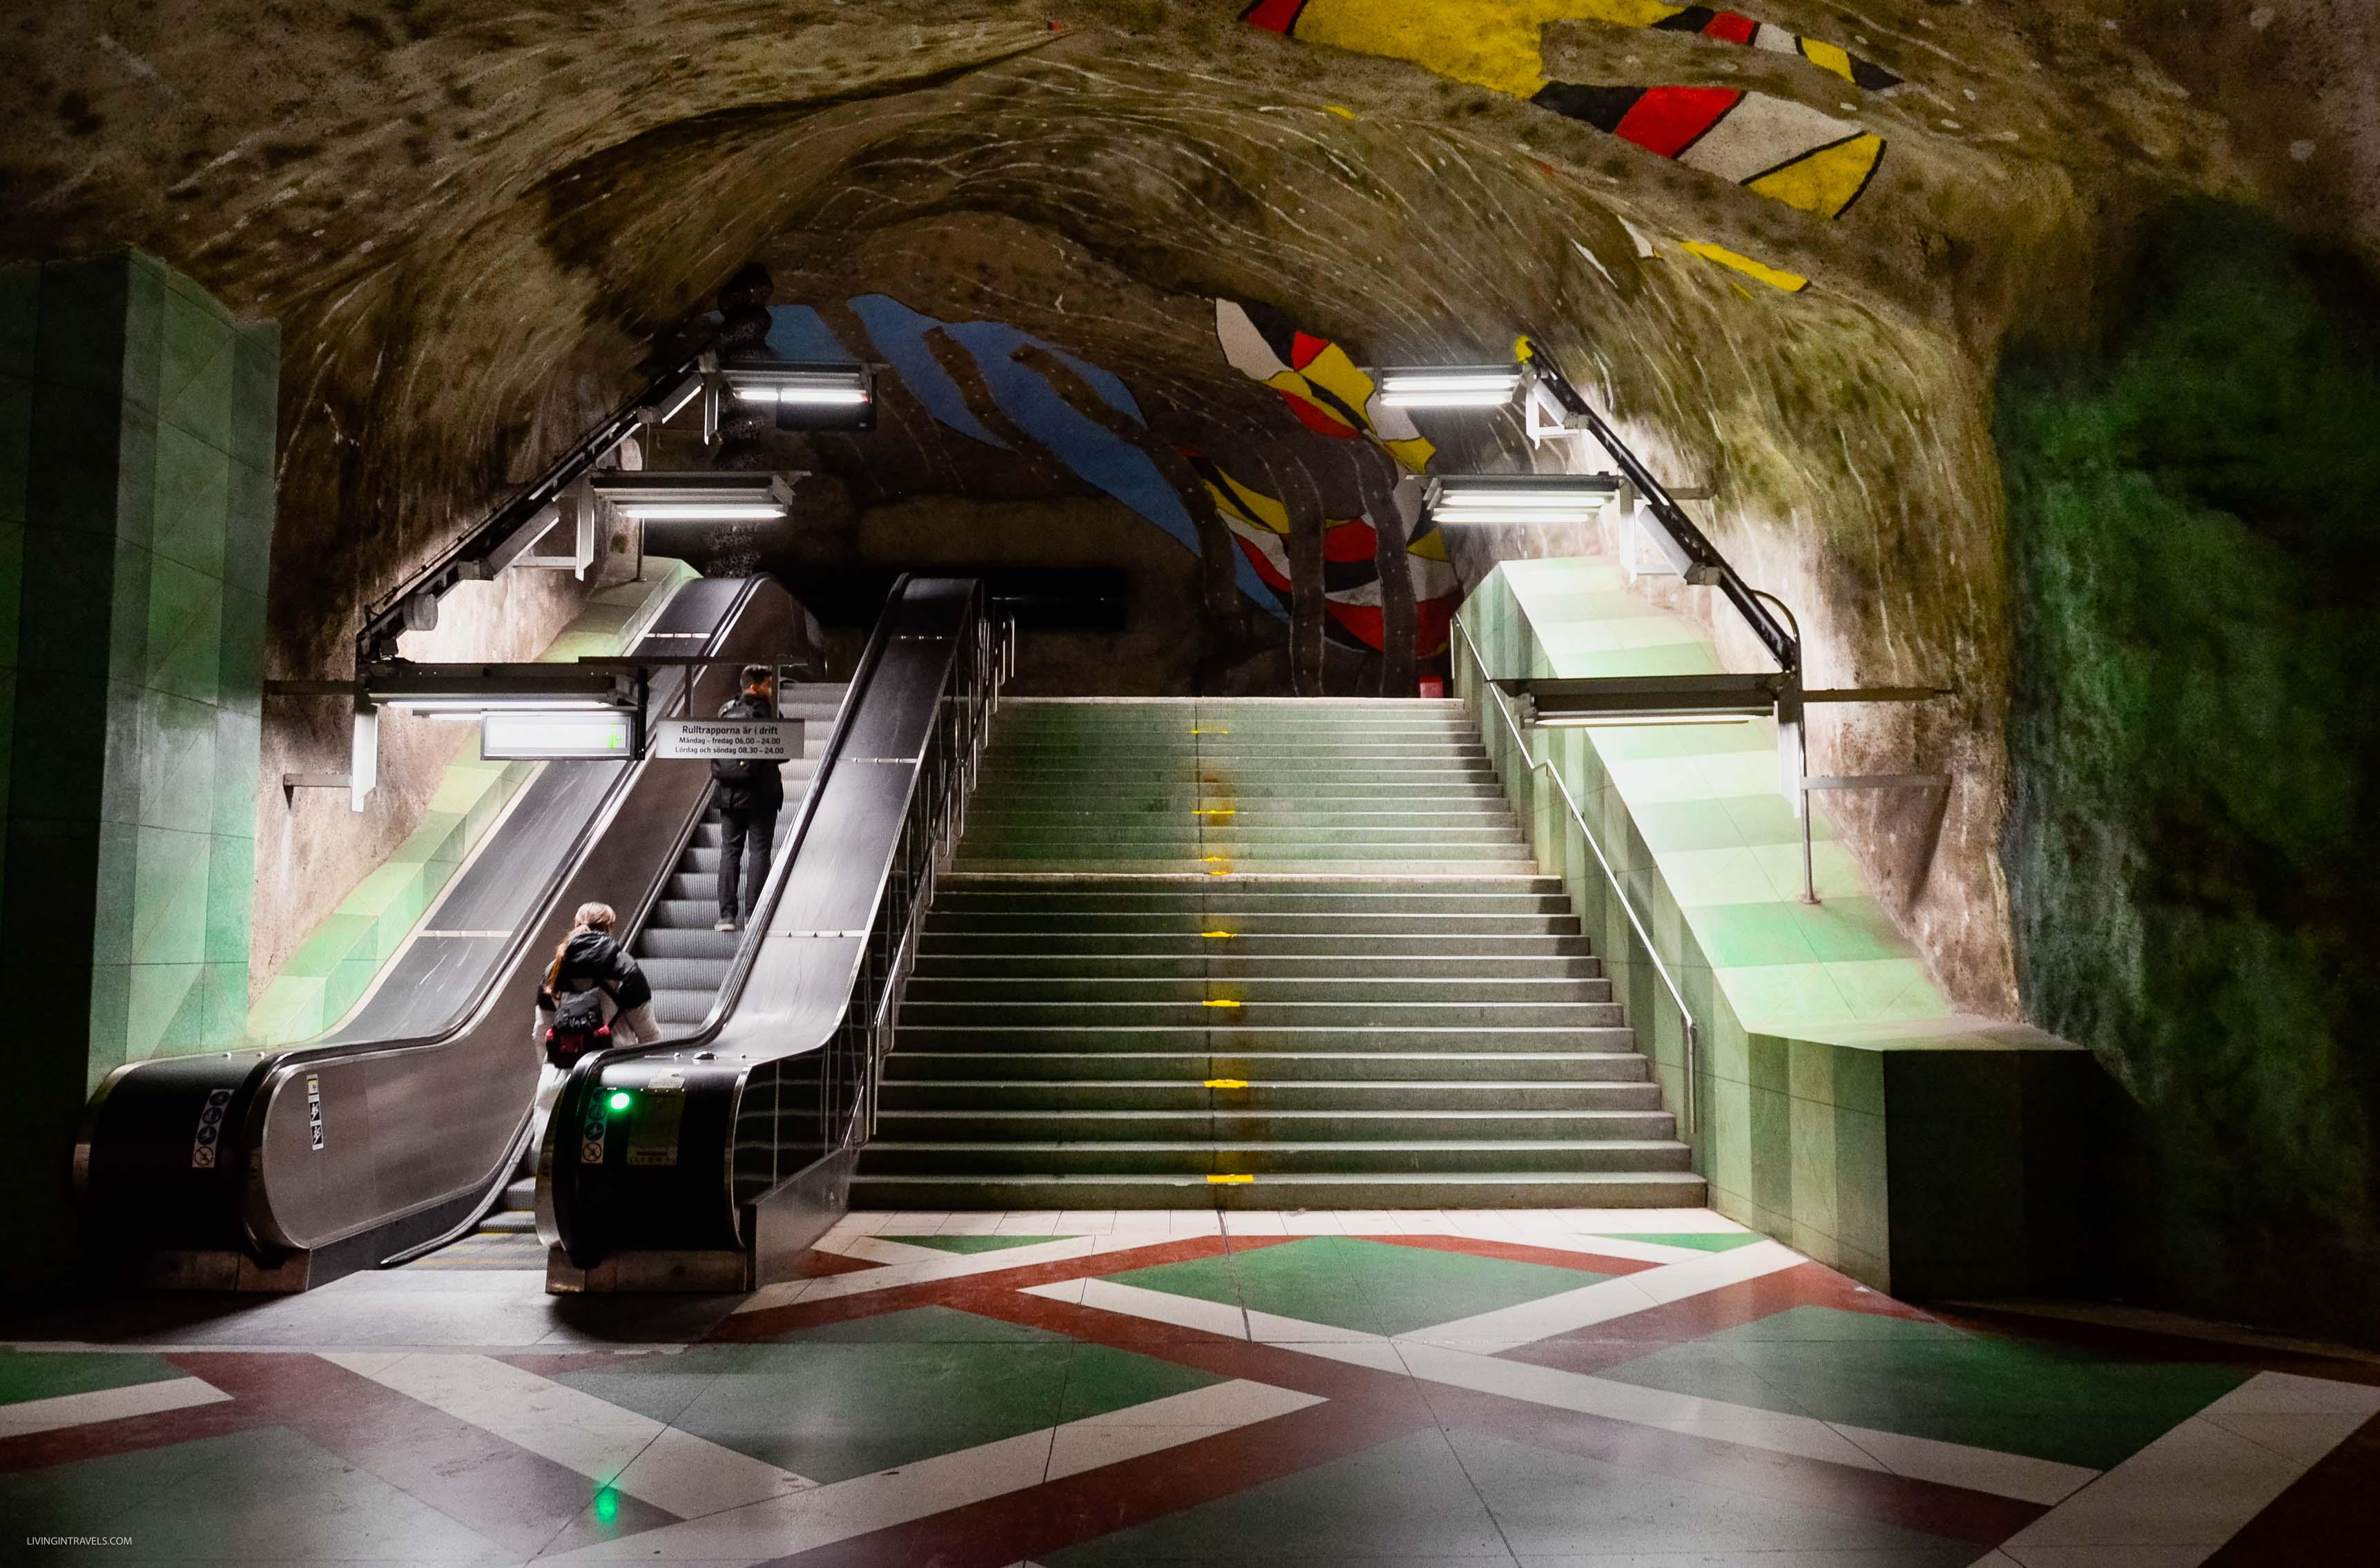 Станция Kungsträdgarden. Арт-тур по метро Стокгольма: самые красивые станции